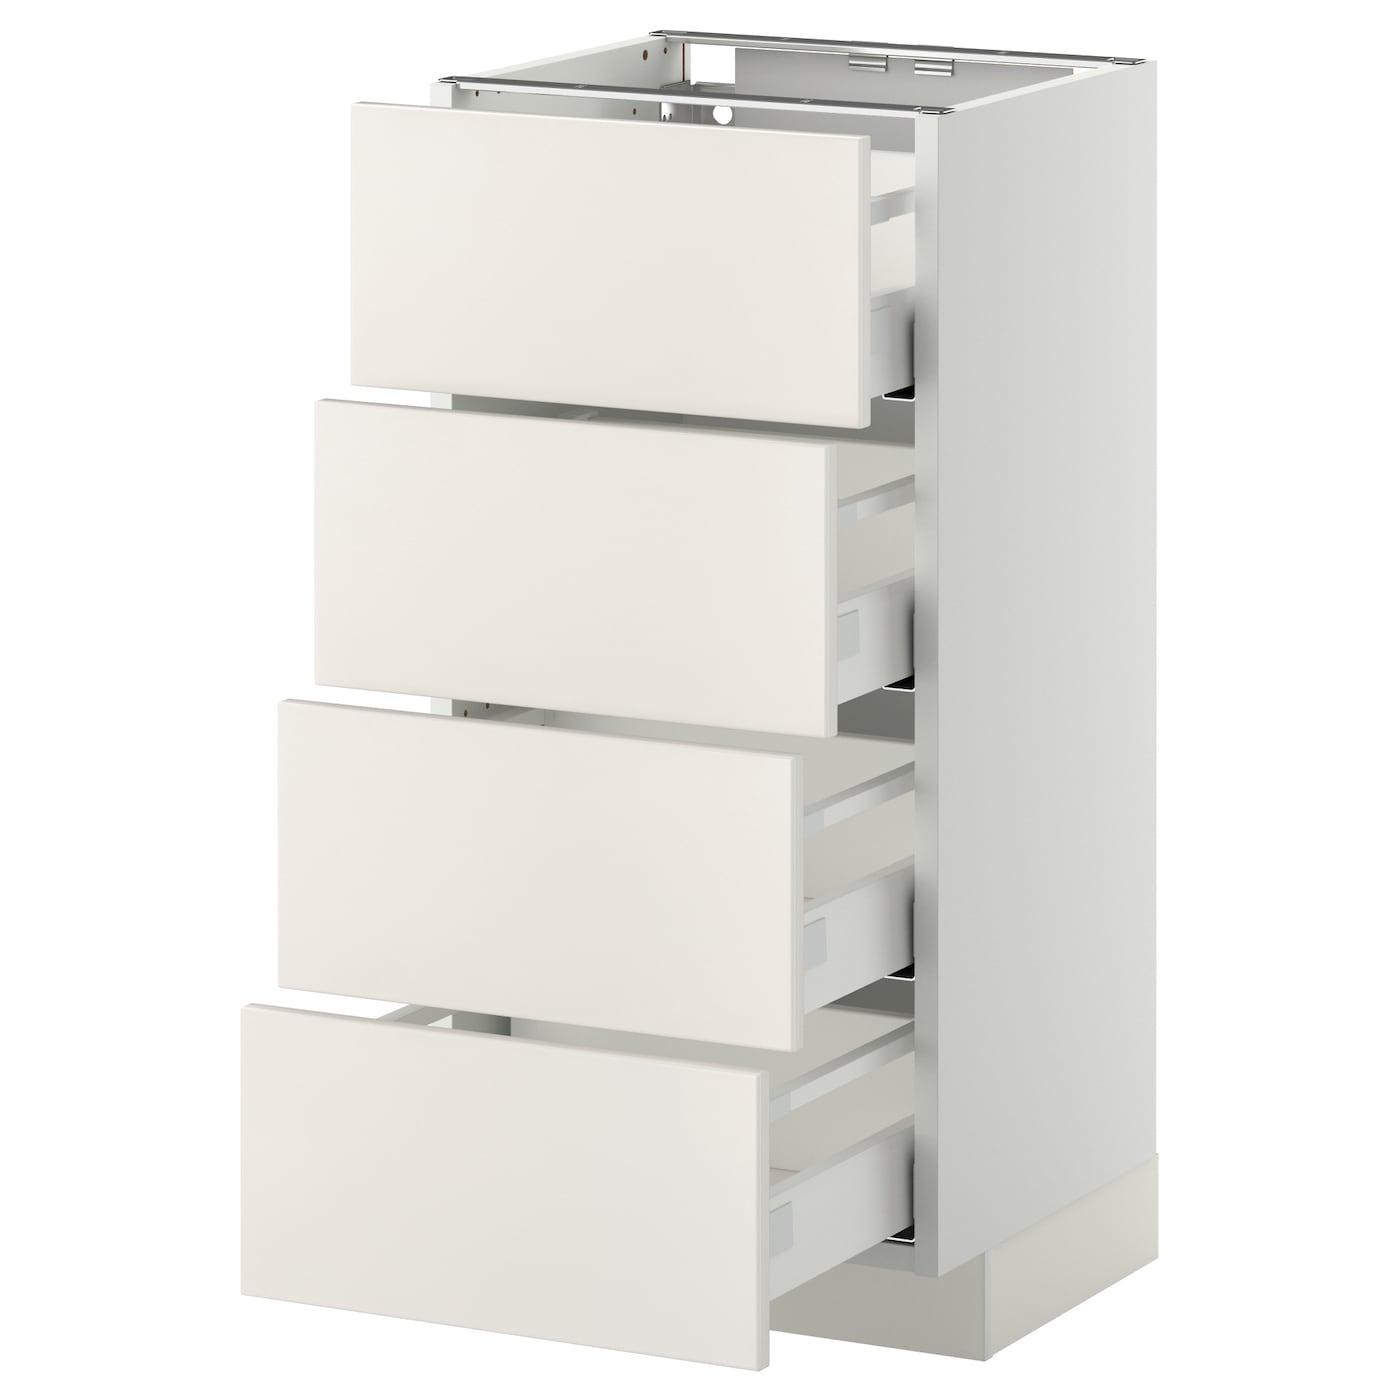 Metod / Maximera Élément Bas 4 Faces/4 Tiroirs - Blanc/Veddinge Blanc 40X37  Cm tout Meuble Bas Cuisine 50 Cm Largeur Ikea